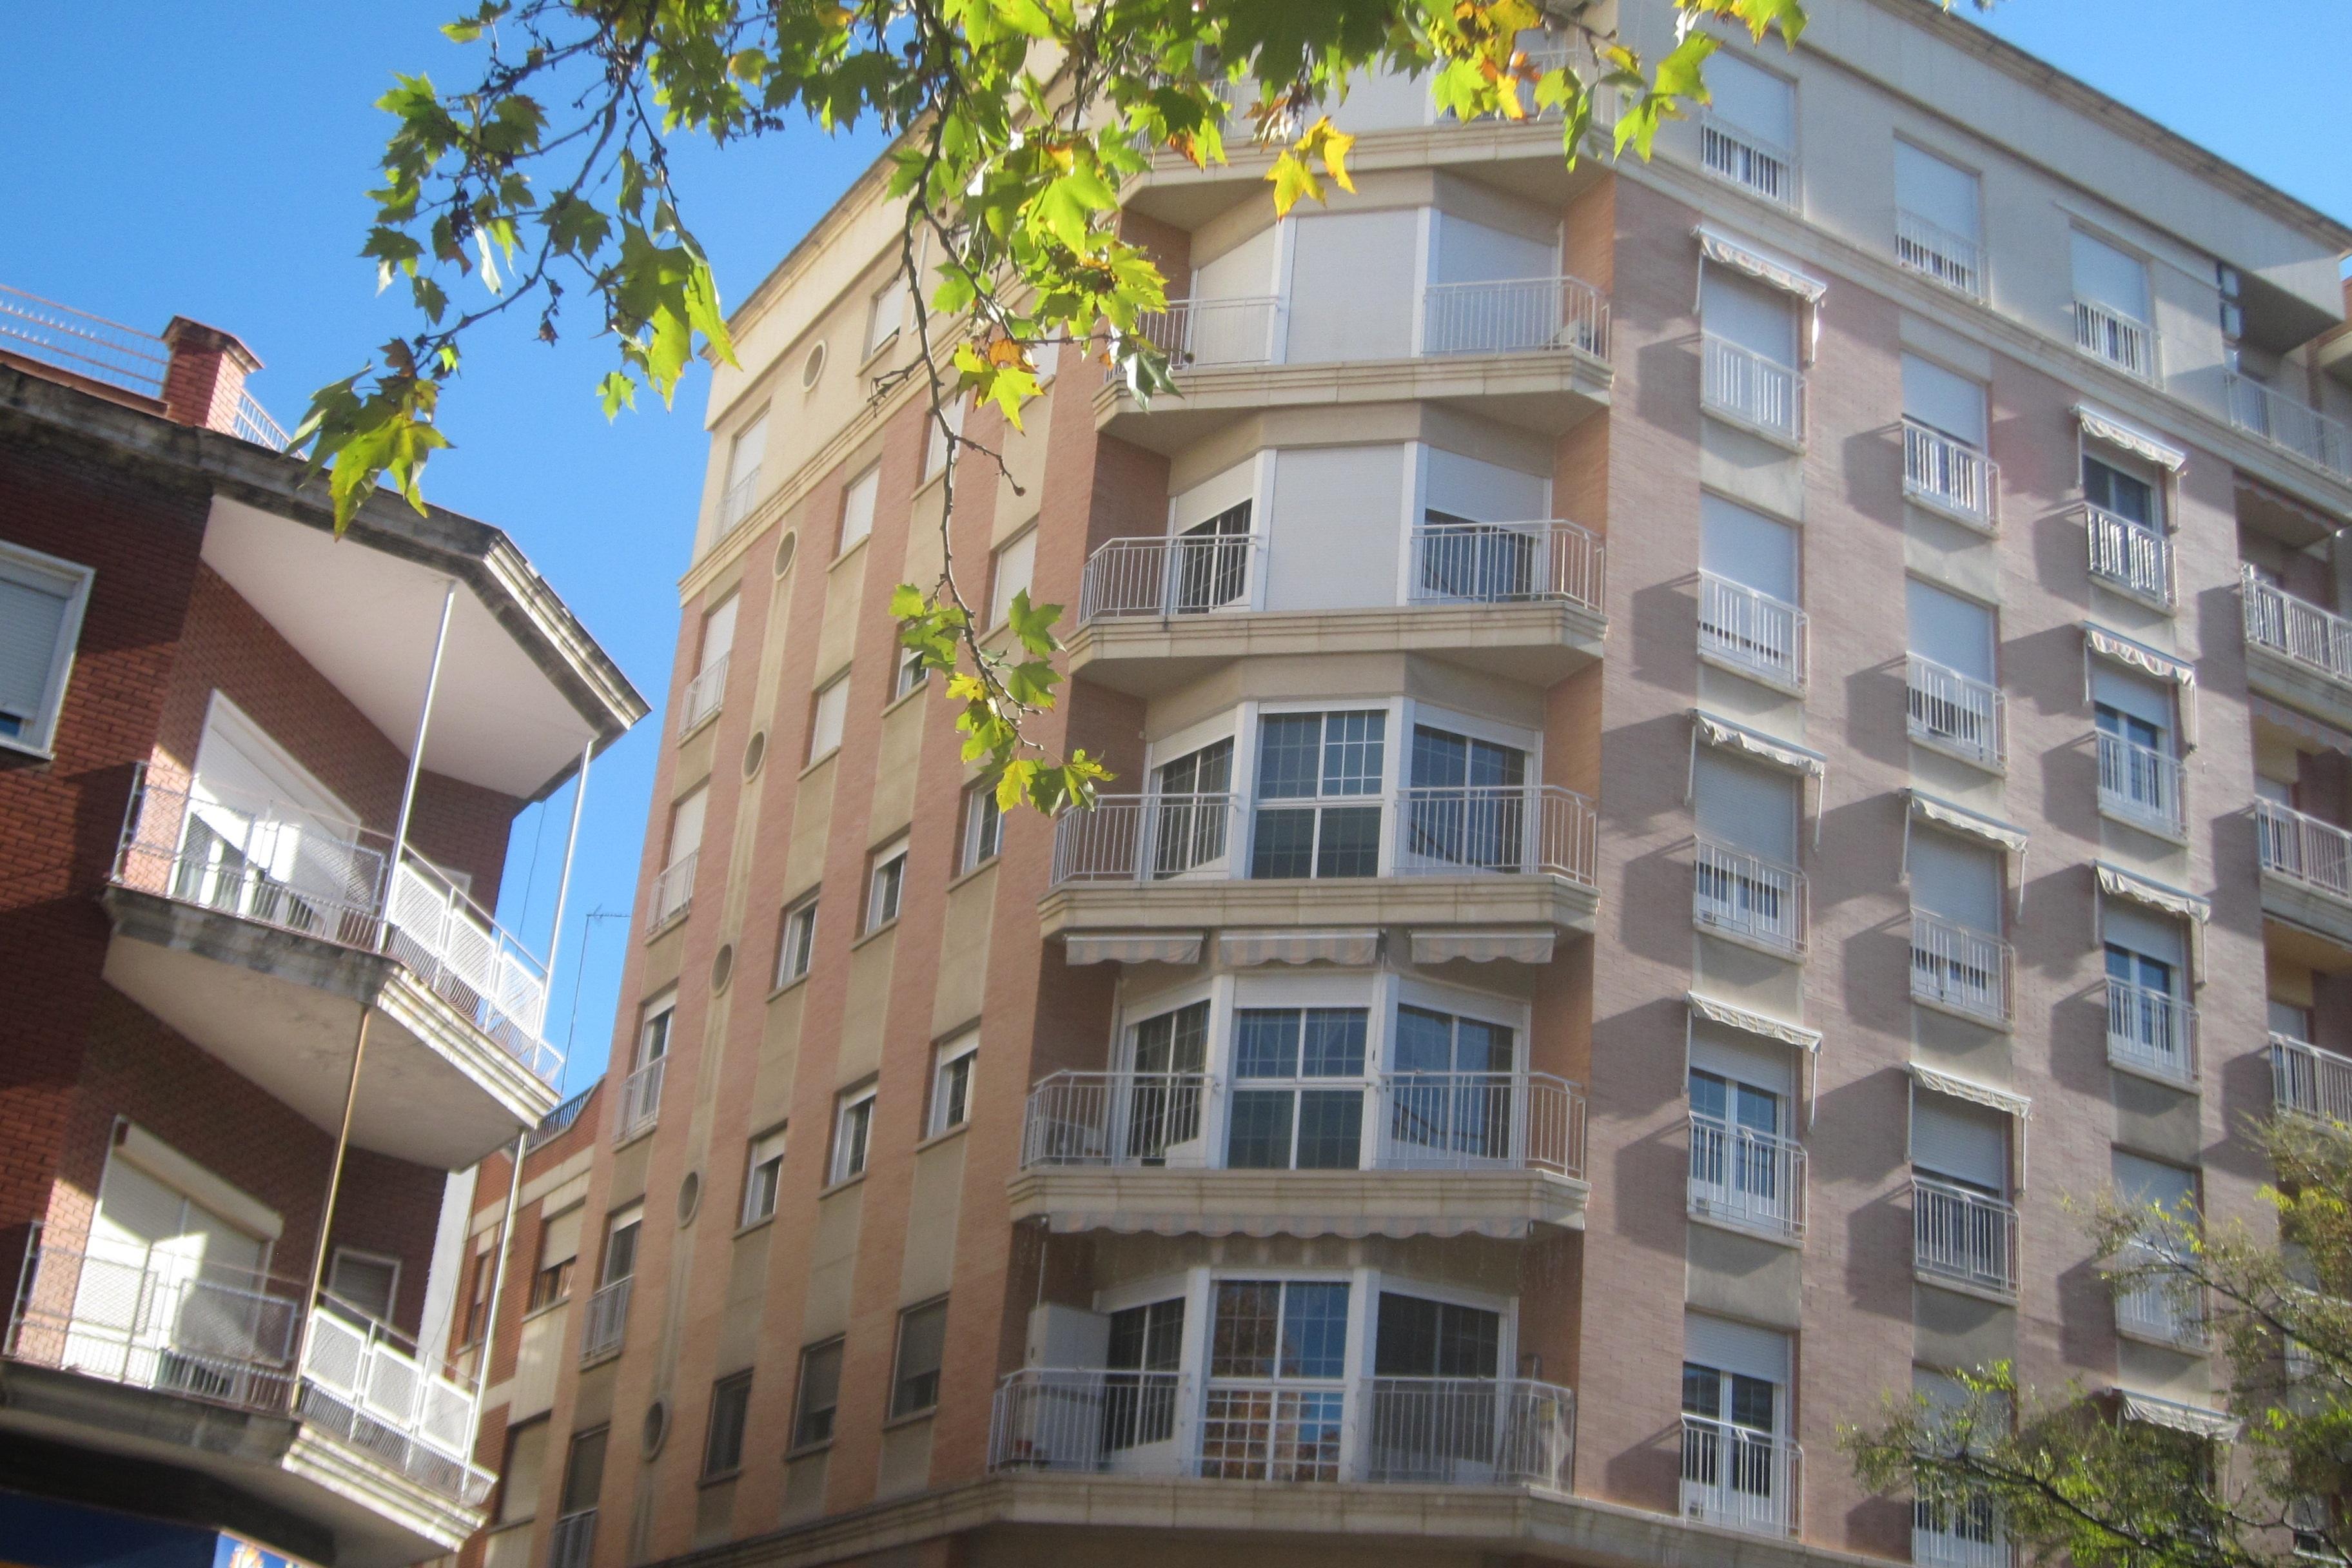 El precio de la vivienda libre en Cantabria cae un 8,4% en el segundo trimestre, según Fomento